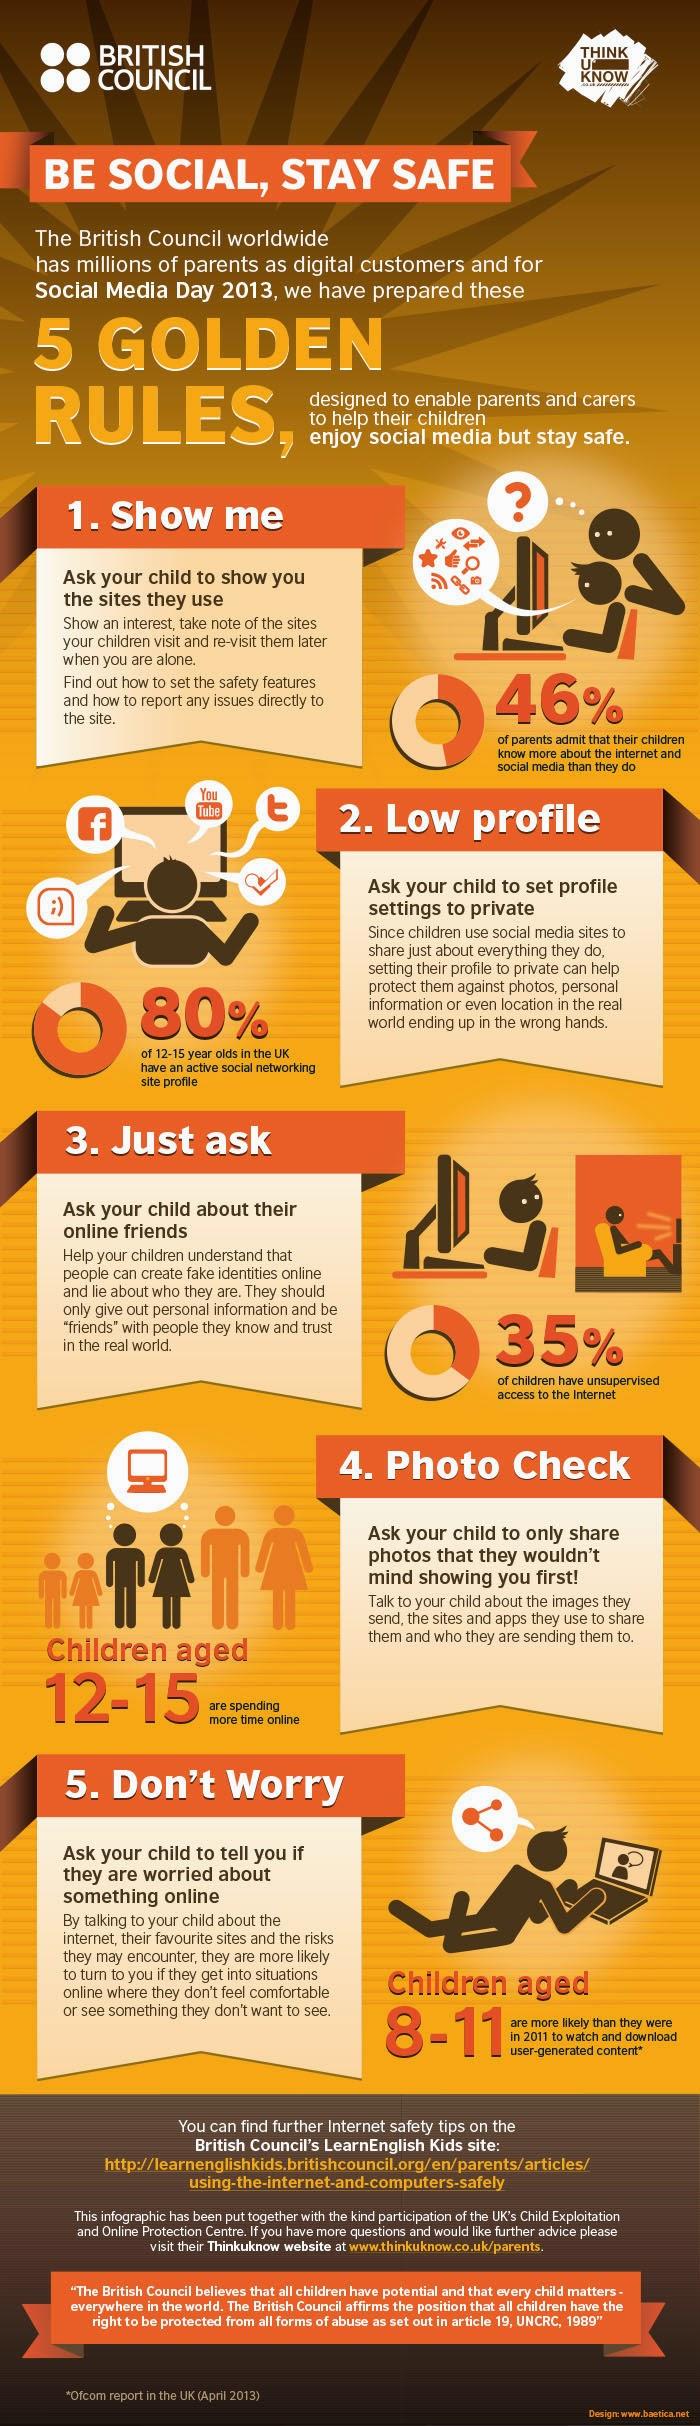 5 reglas de oro para mantener a tus hijos seguros en social media